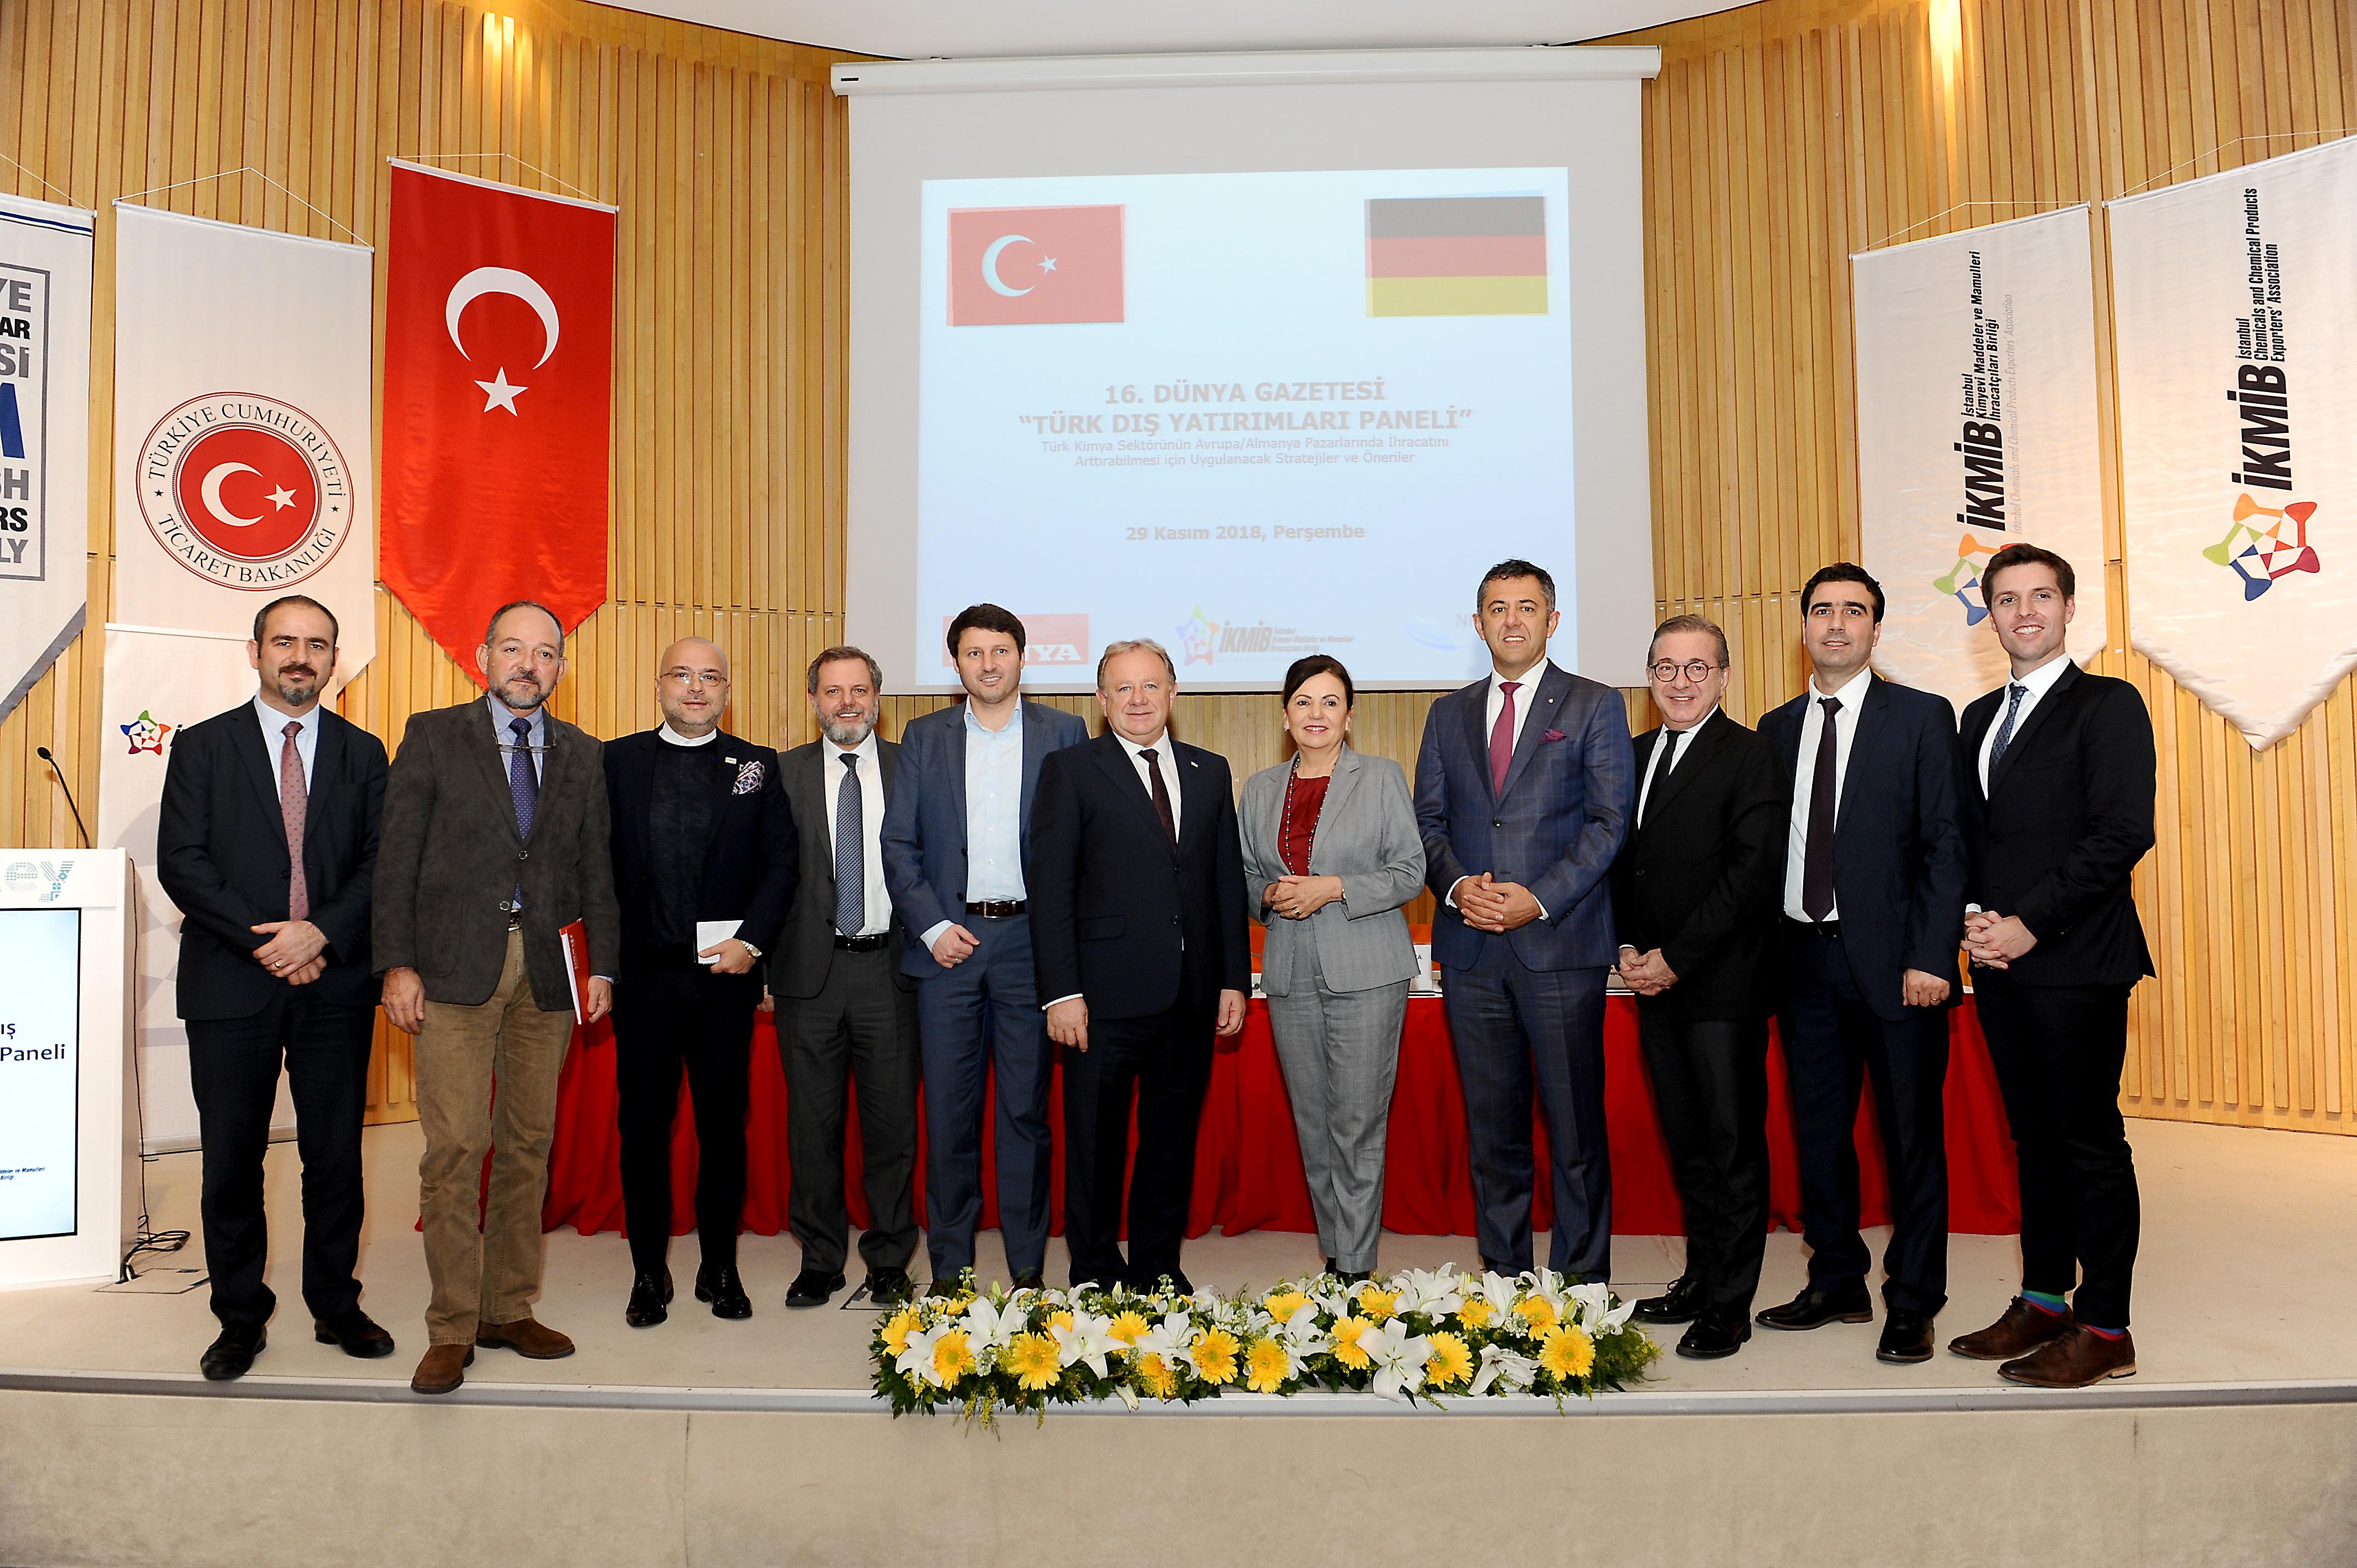 Türk kimya sektörünün Avrupa/Almanya pazarlarında ihracatını arttırabilmesi için uygulanacak stratejiler ve öneriler konuşuldu